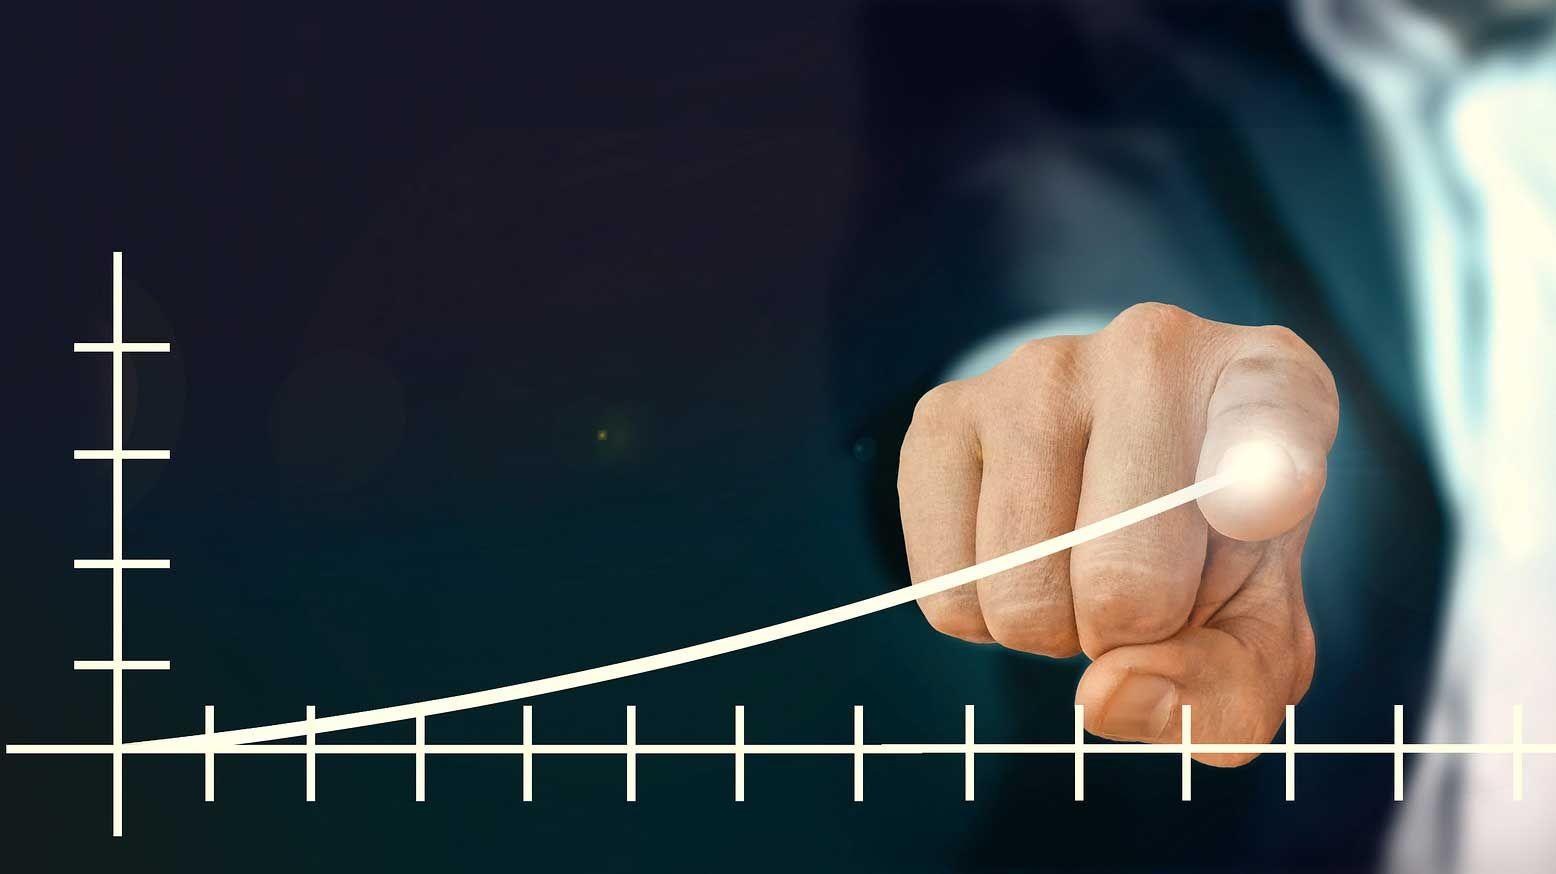 ¿Por qué es importante crecer rápida y constantemente? El crecimiento es un proceso que estimula círculos virtuosos que actúan como catalizadores.